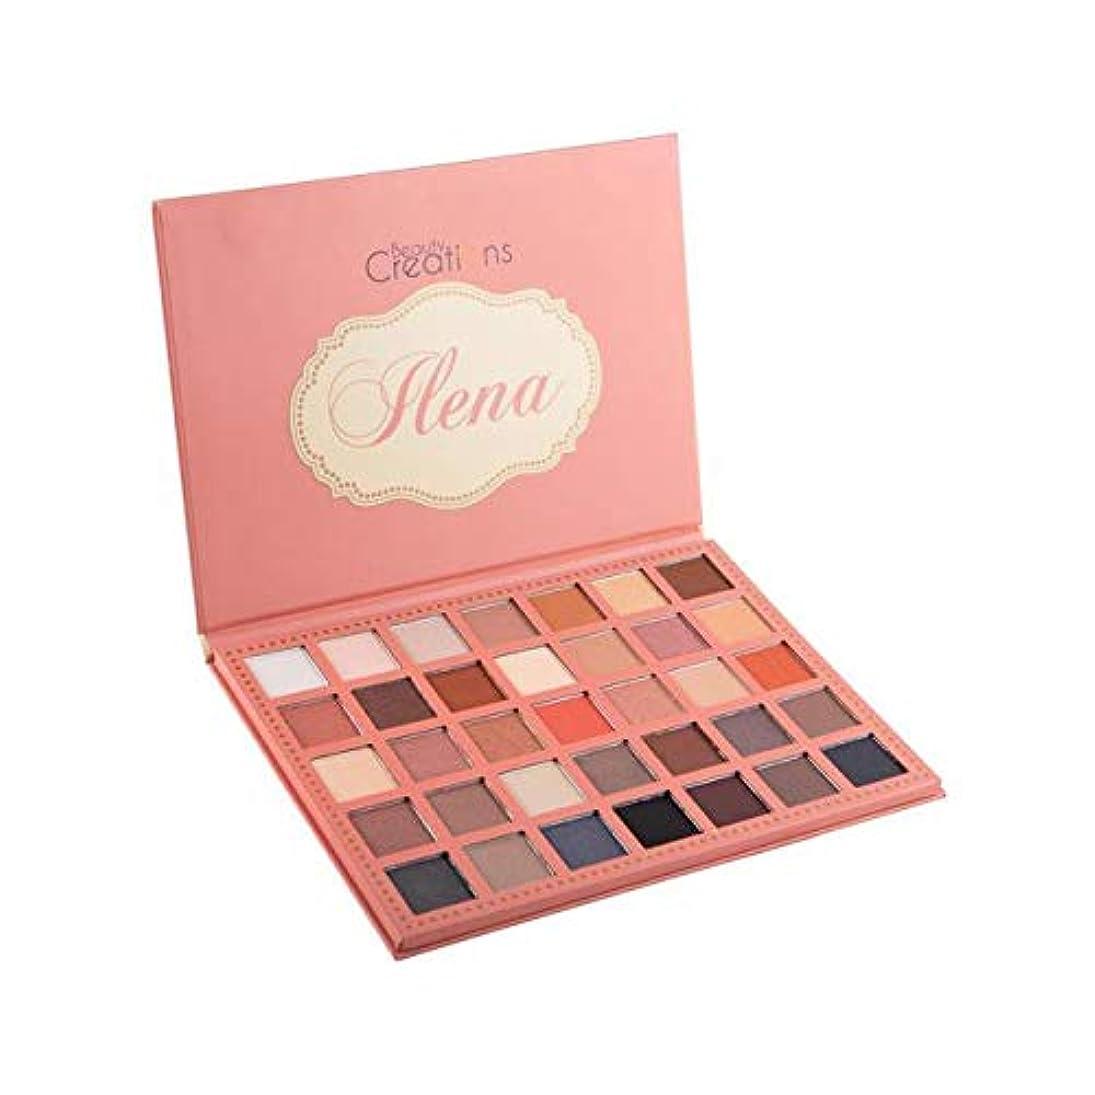 ティッシュ憂慮すべき債務者(6 Pack) BEAUTY CREATIONS 35 Color Eyeshadow Palette - Ilena (並行輸入品)